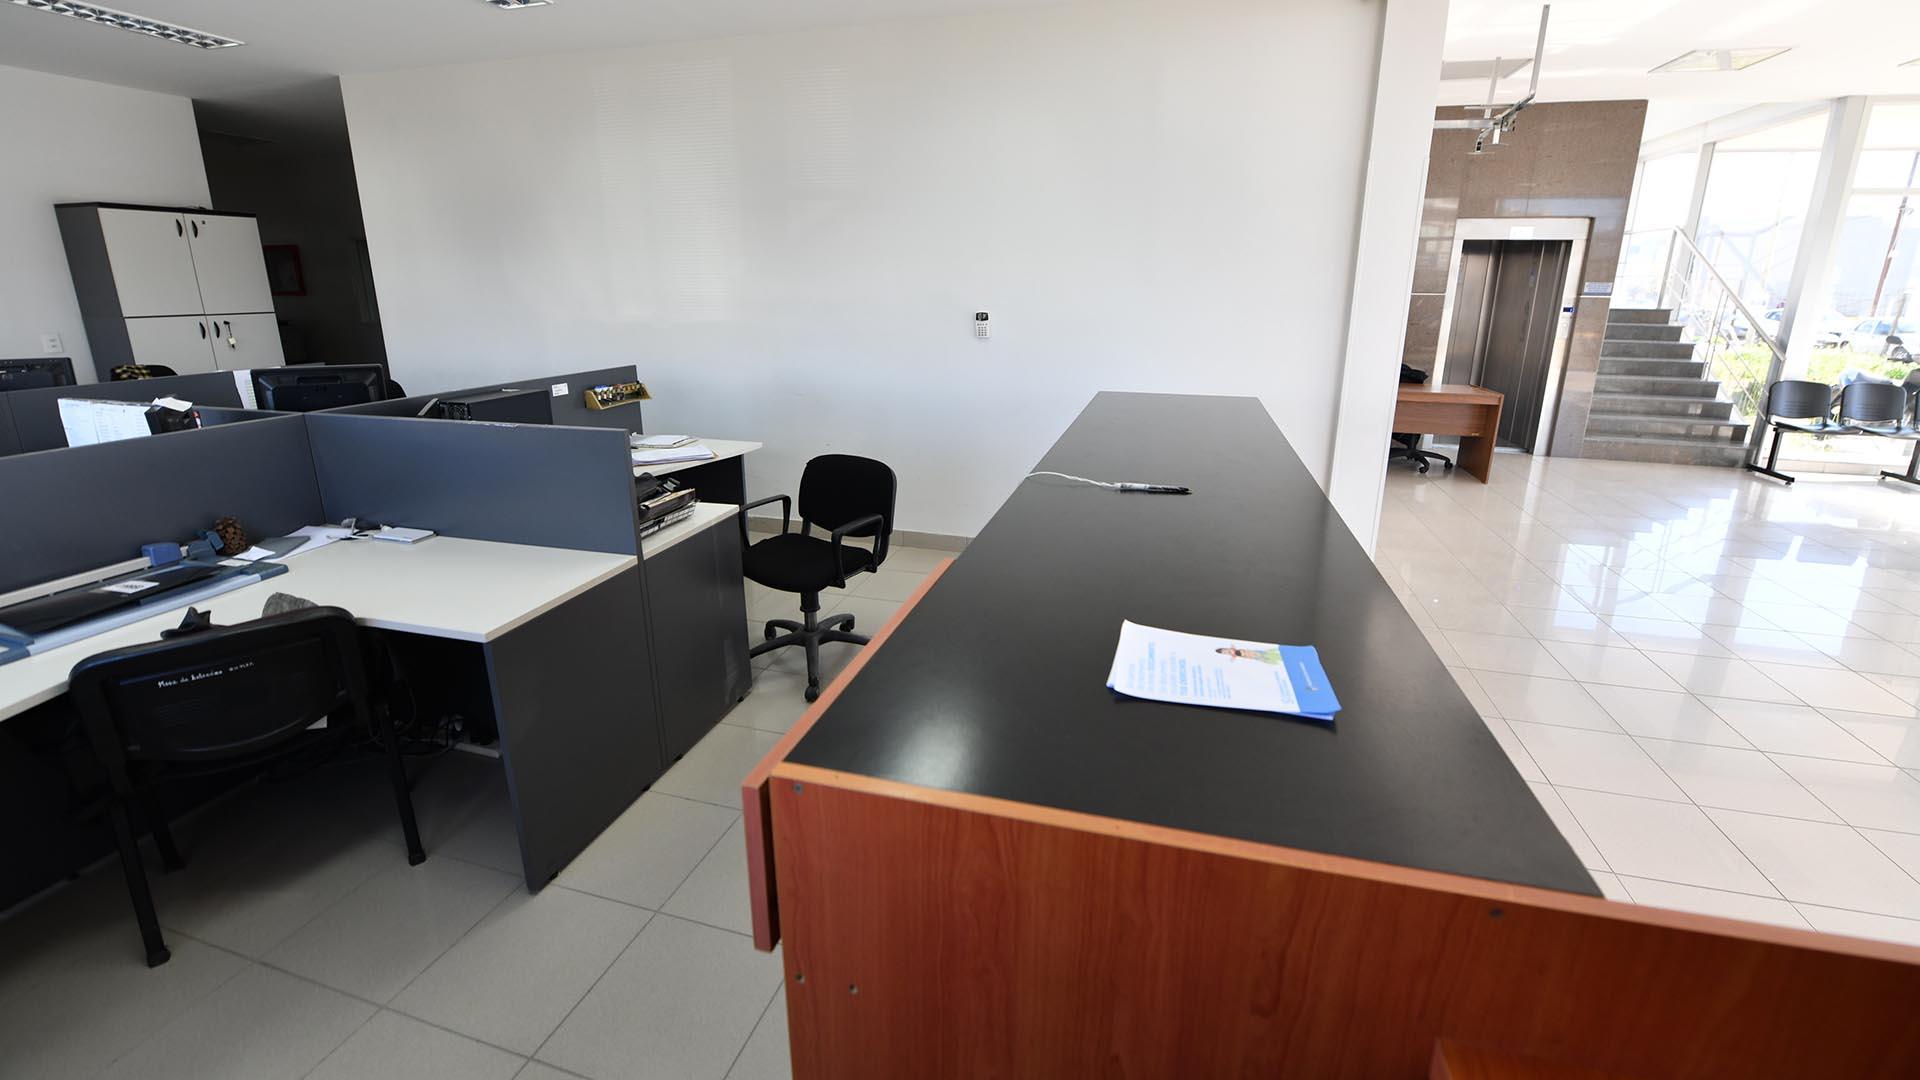 Casi no hay actividad en ninguna oficina pública desde hace varios días